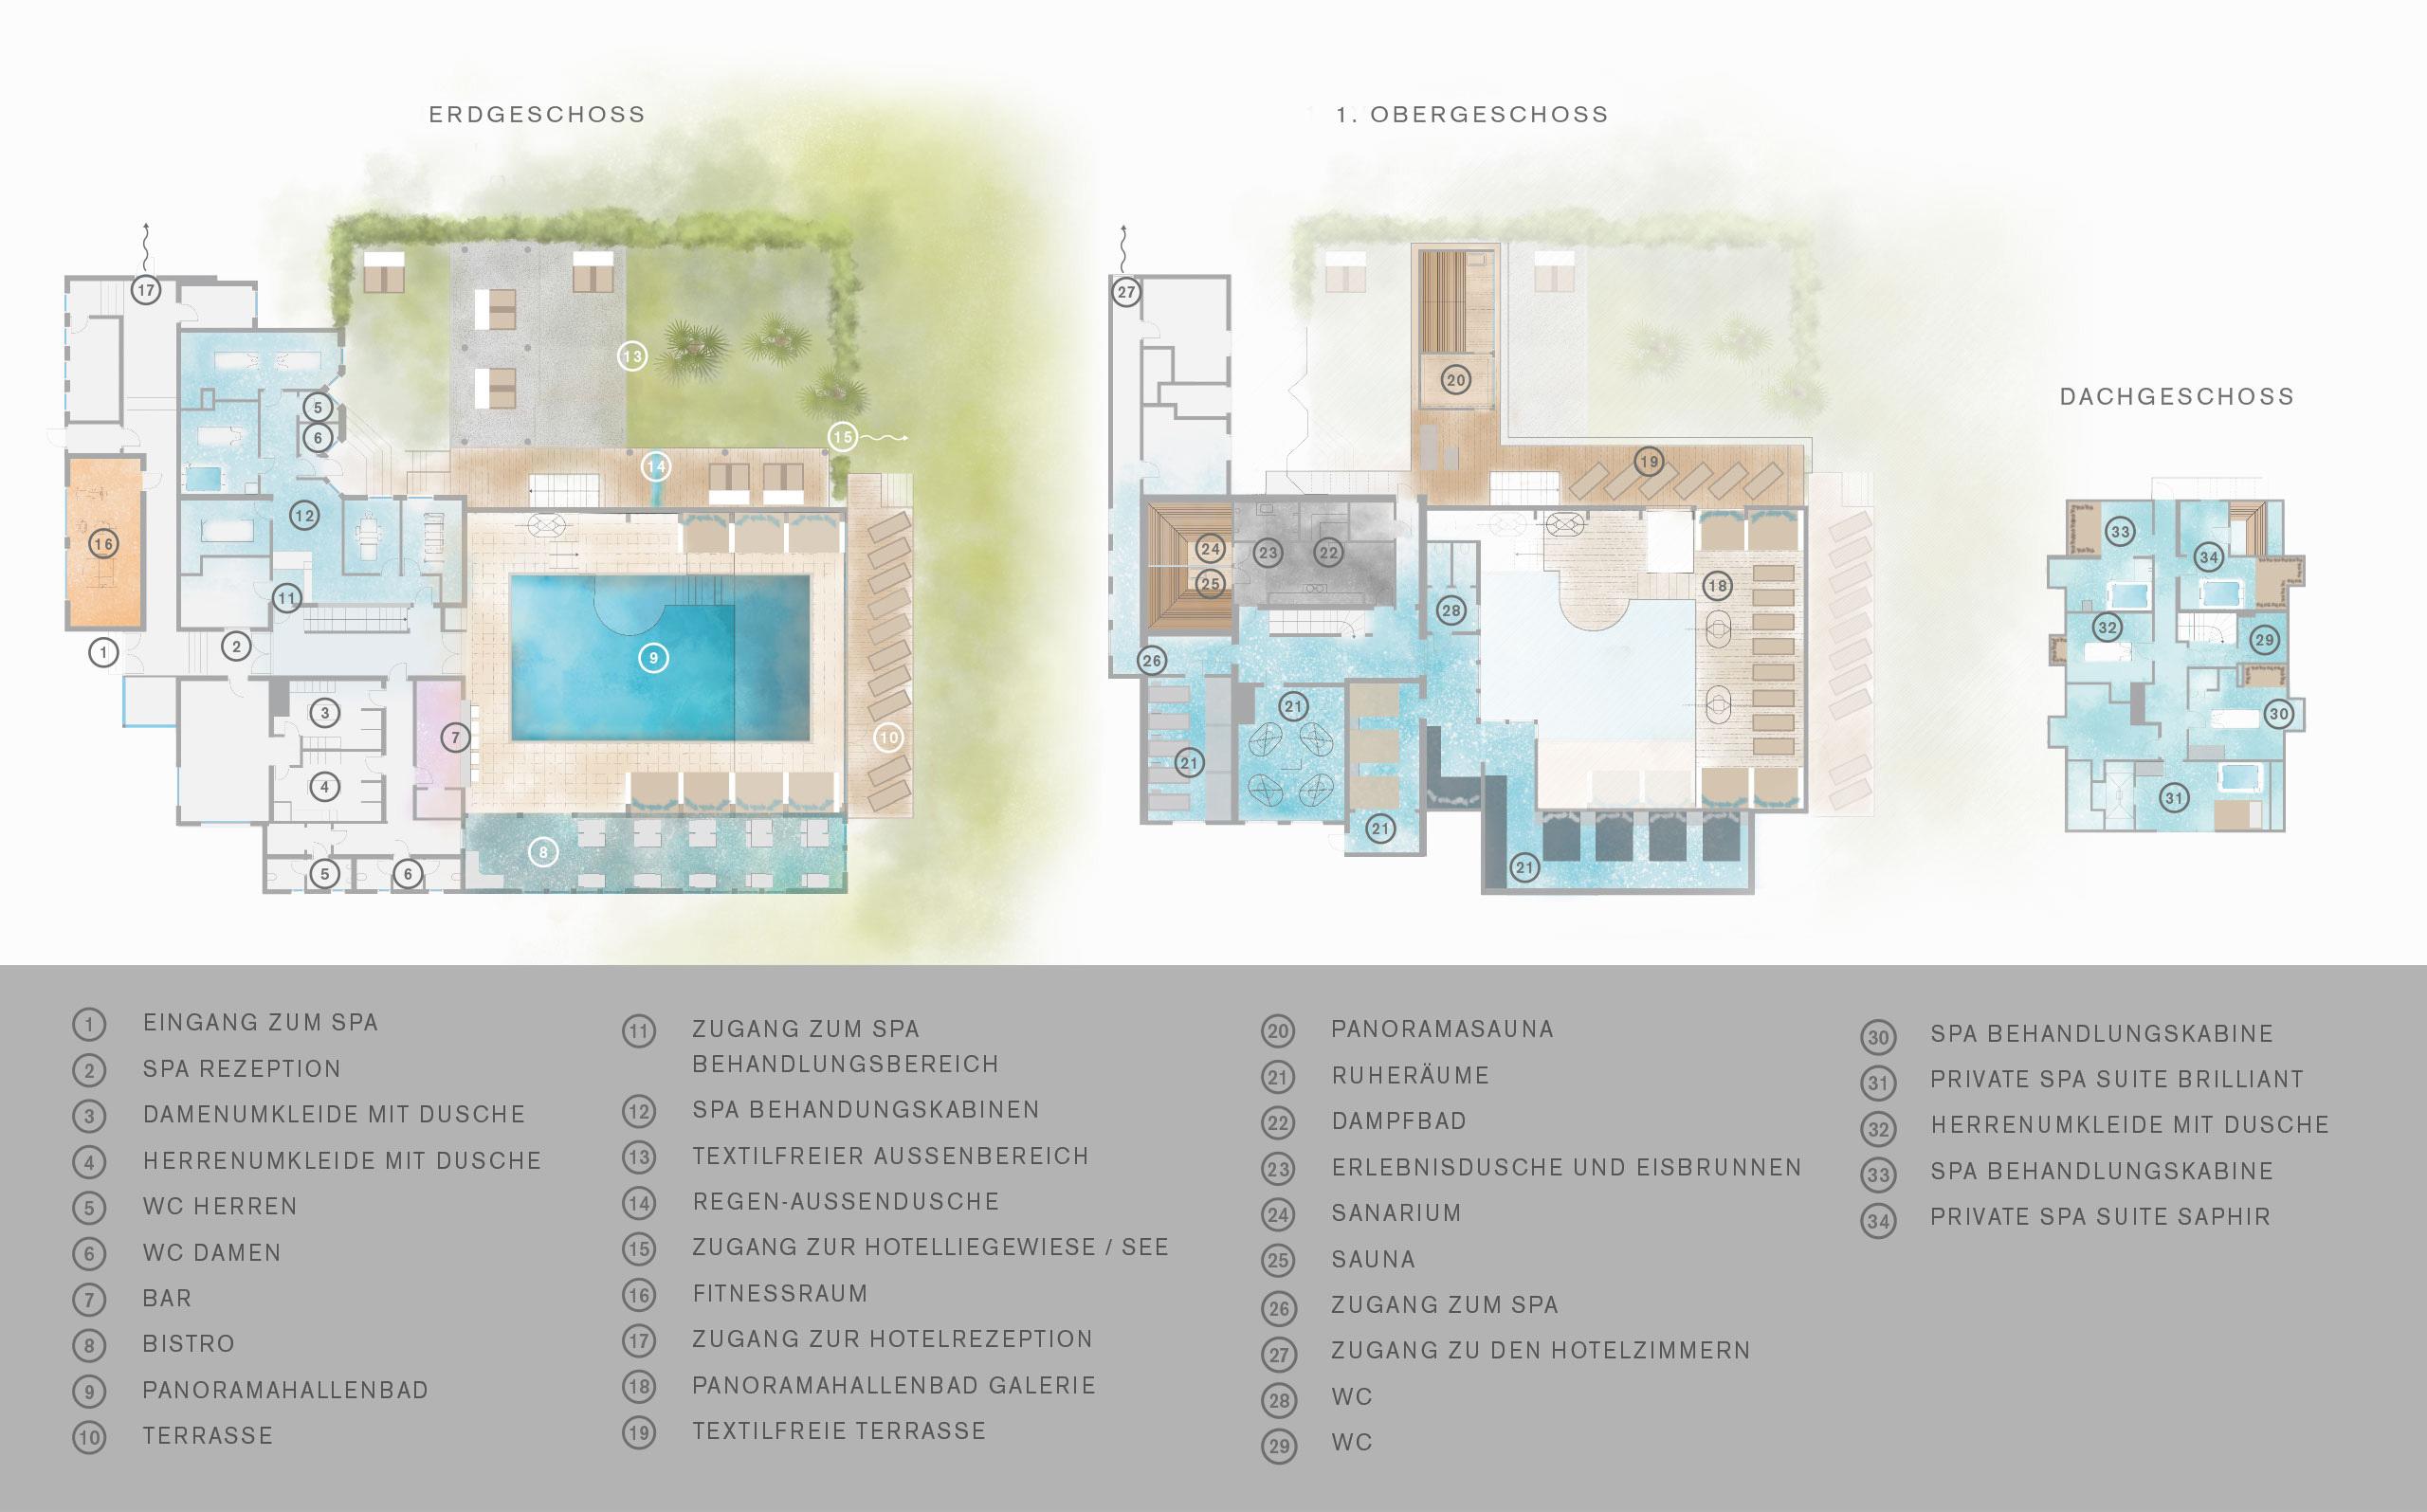 Plan des Wellnessbereichs vom SEE SPA vom Hotel Hoeri